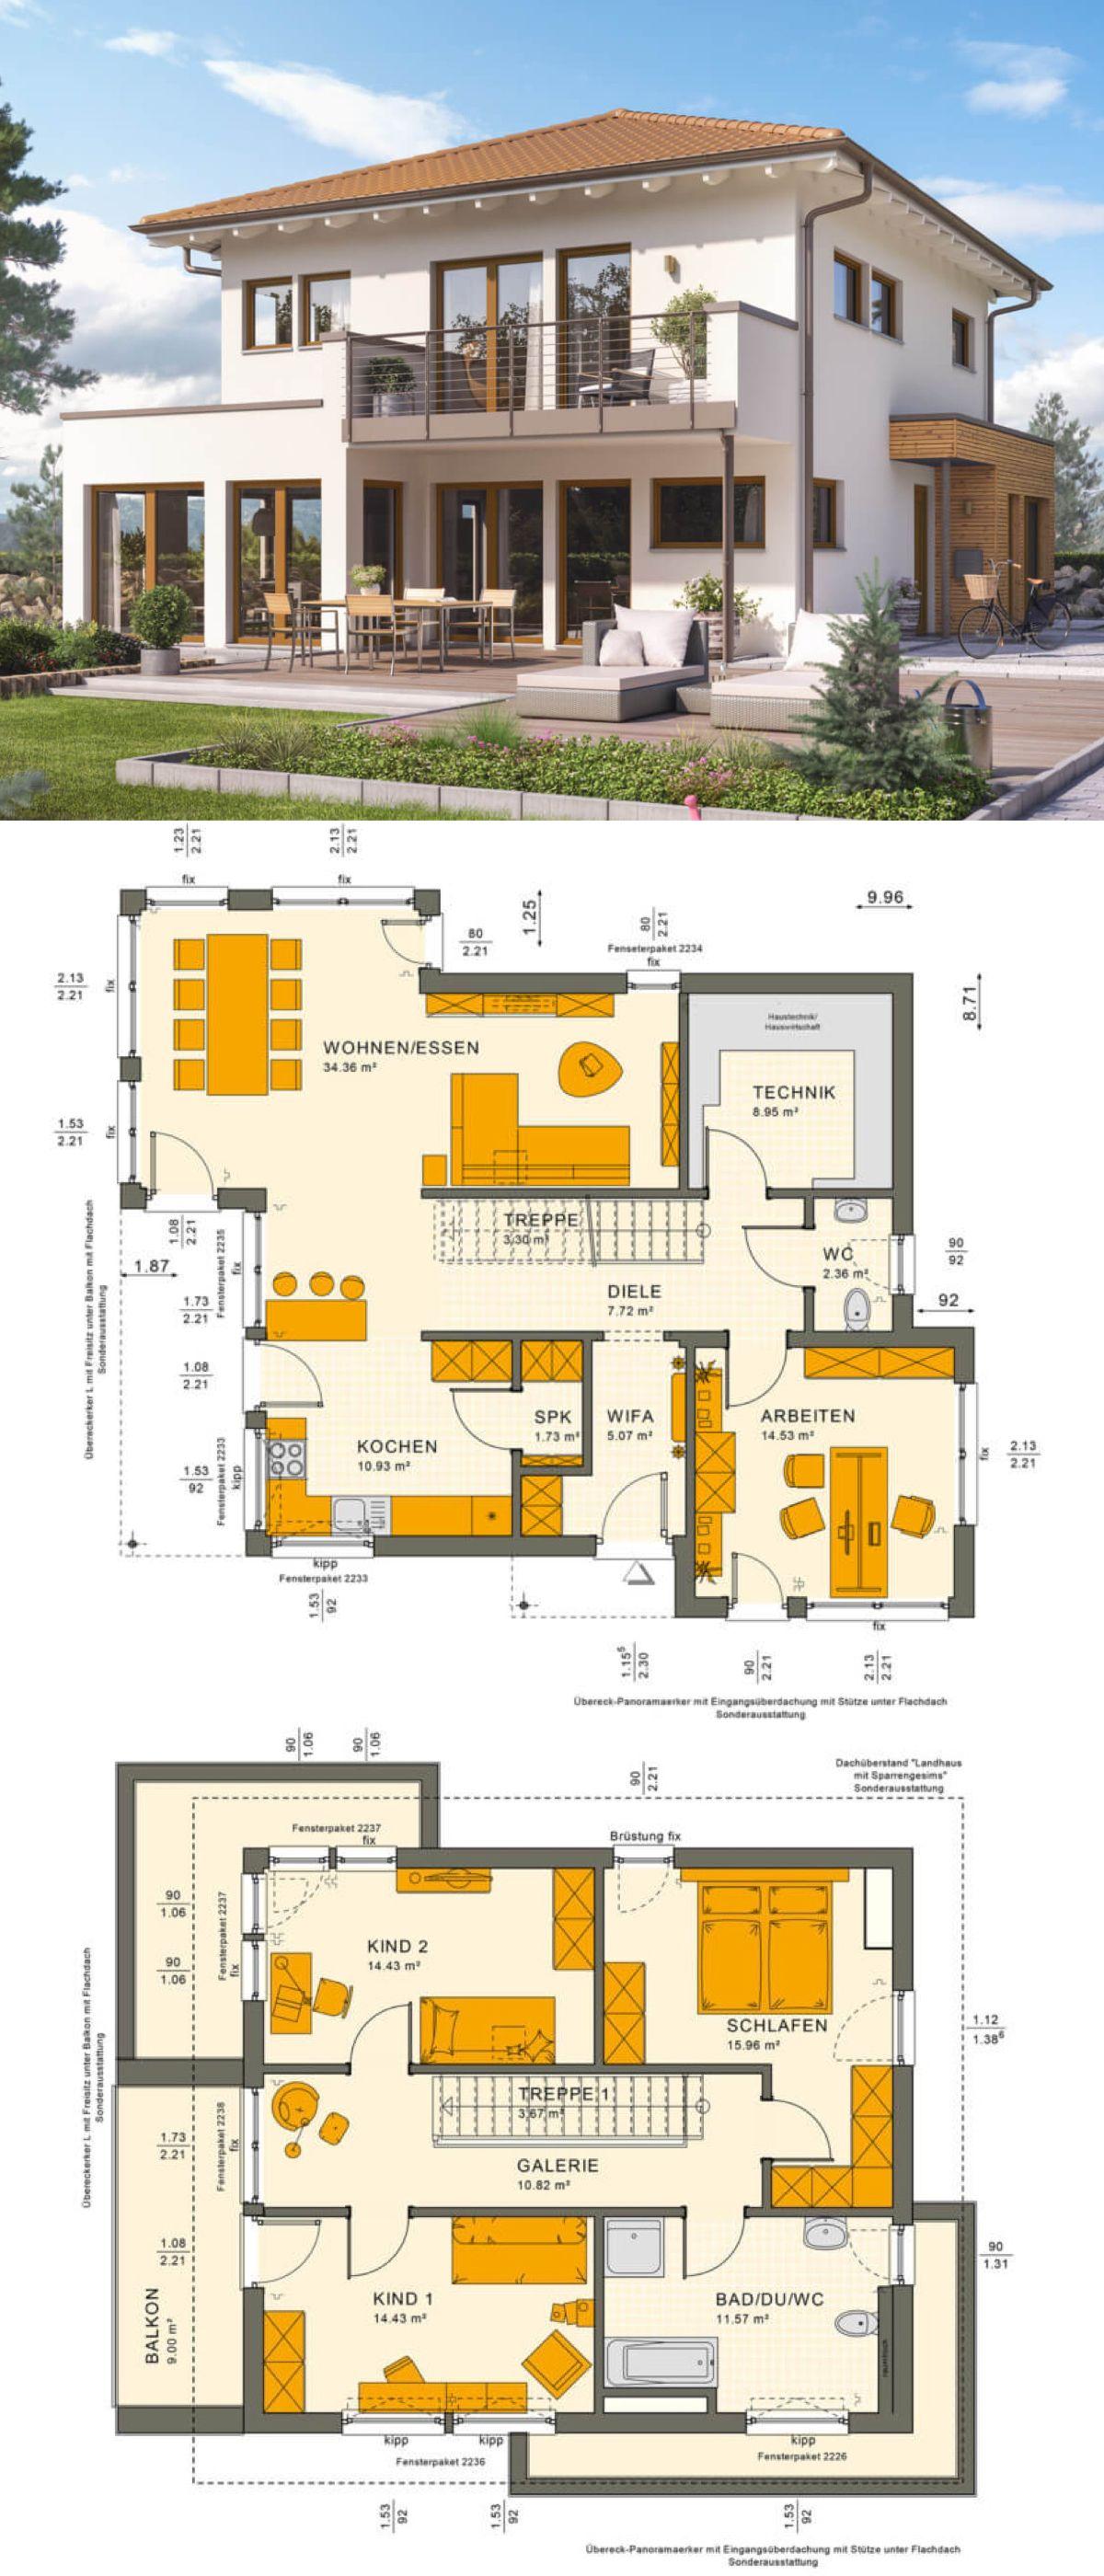 Stadtvilla Landhaus Mediterran Mit Walmdach Architektur U0026 Erker Mit Loggia    Einfamilienhaus Bauen Ideen Grundriss Fertighaus